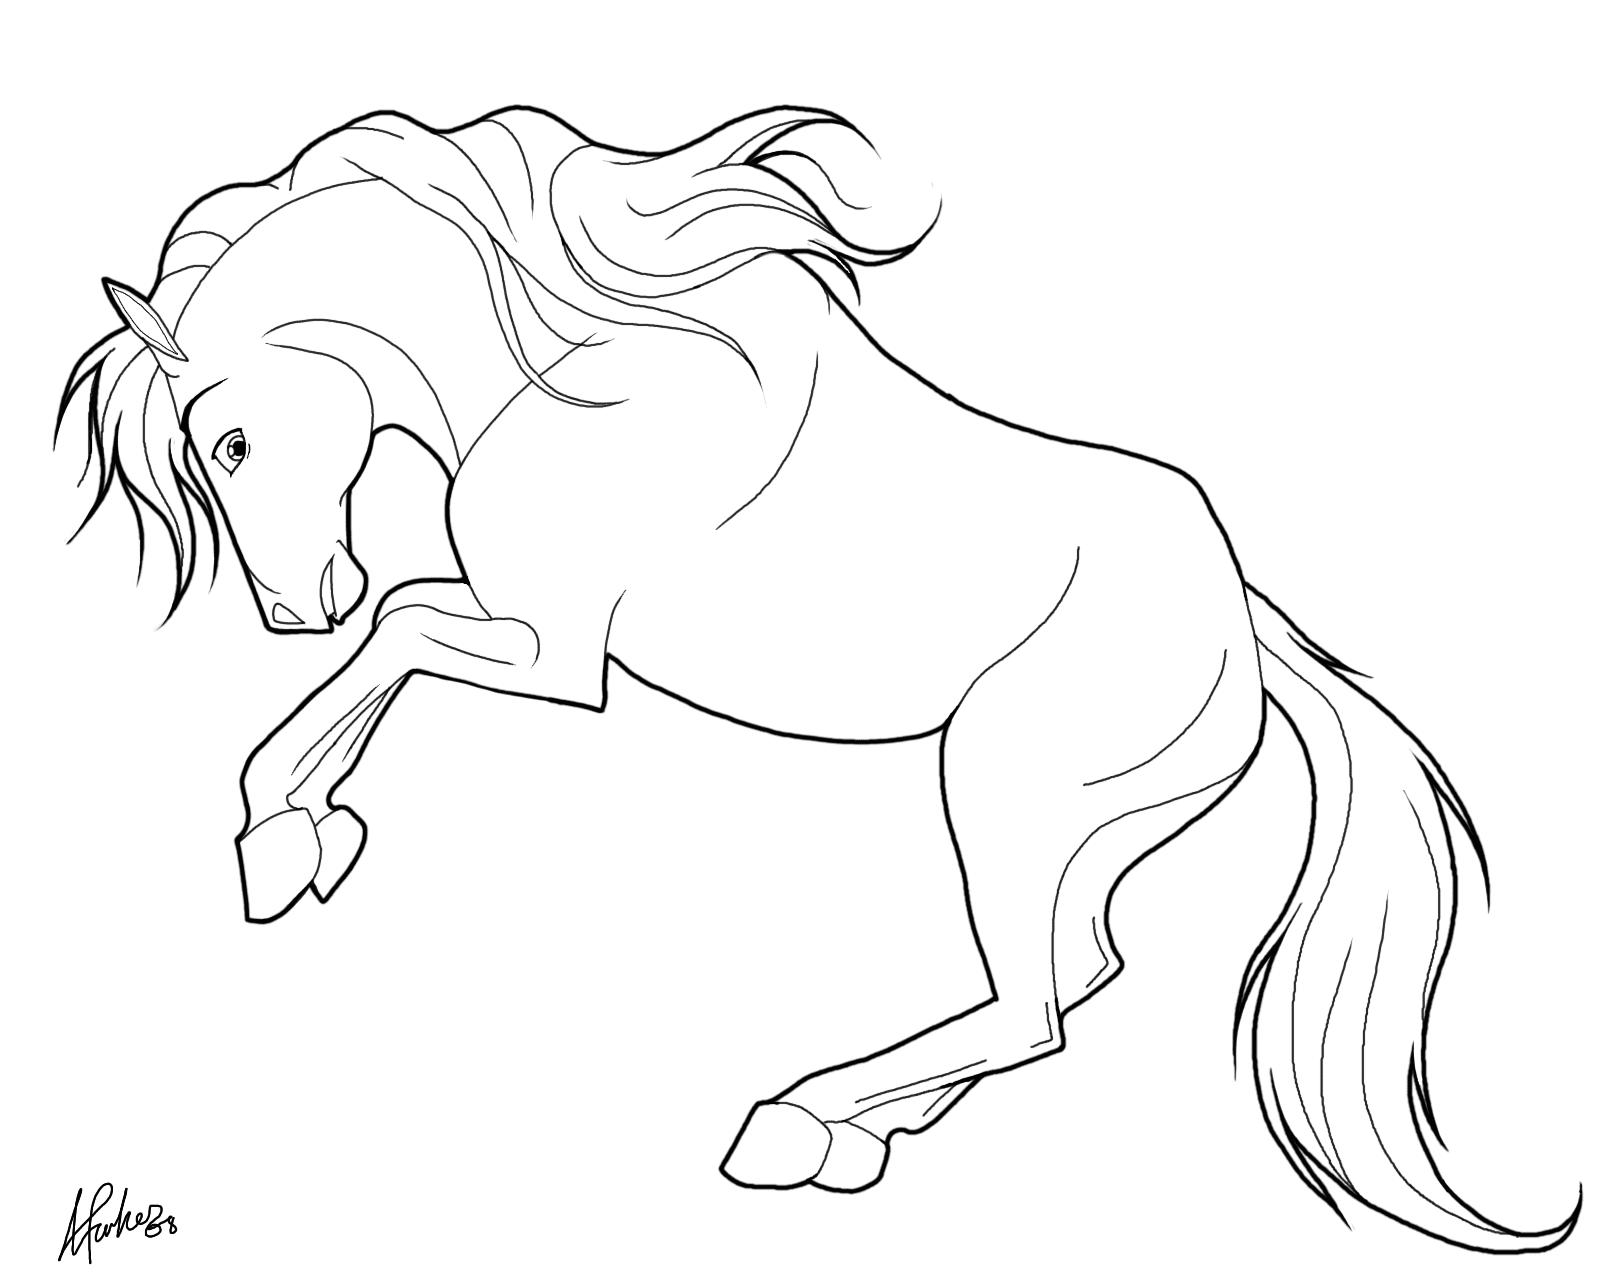 Tranh tô màu con ngựa đang nằm